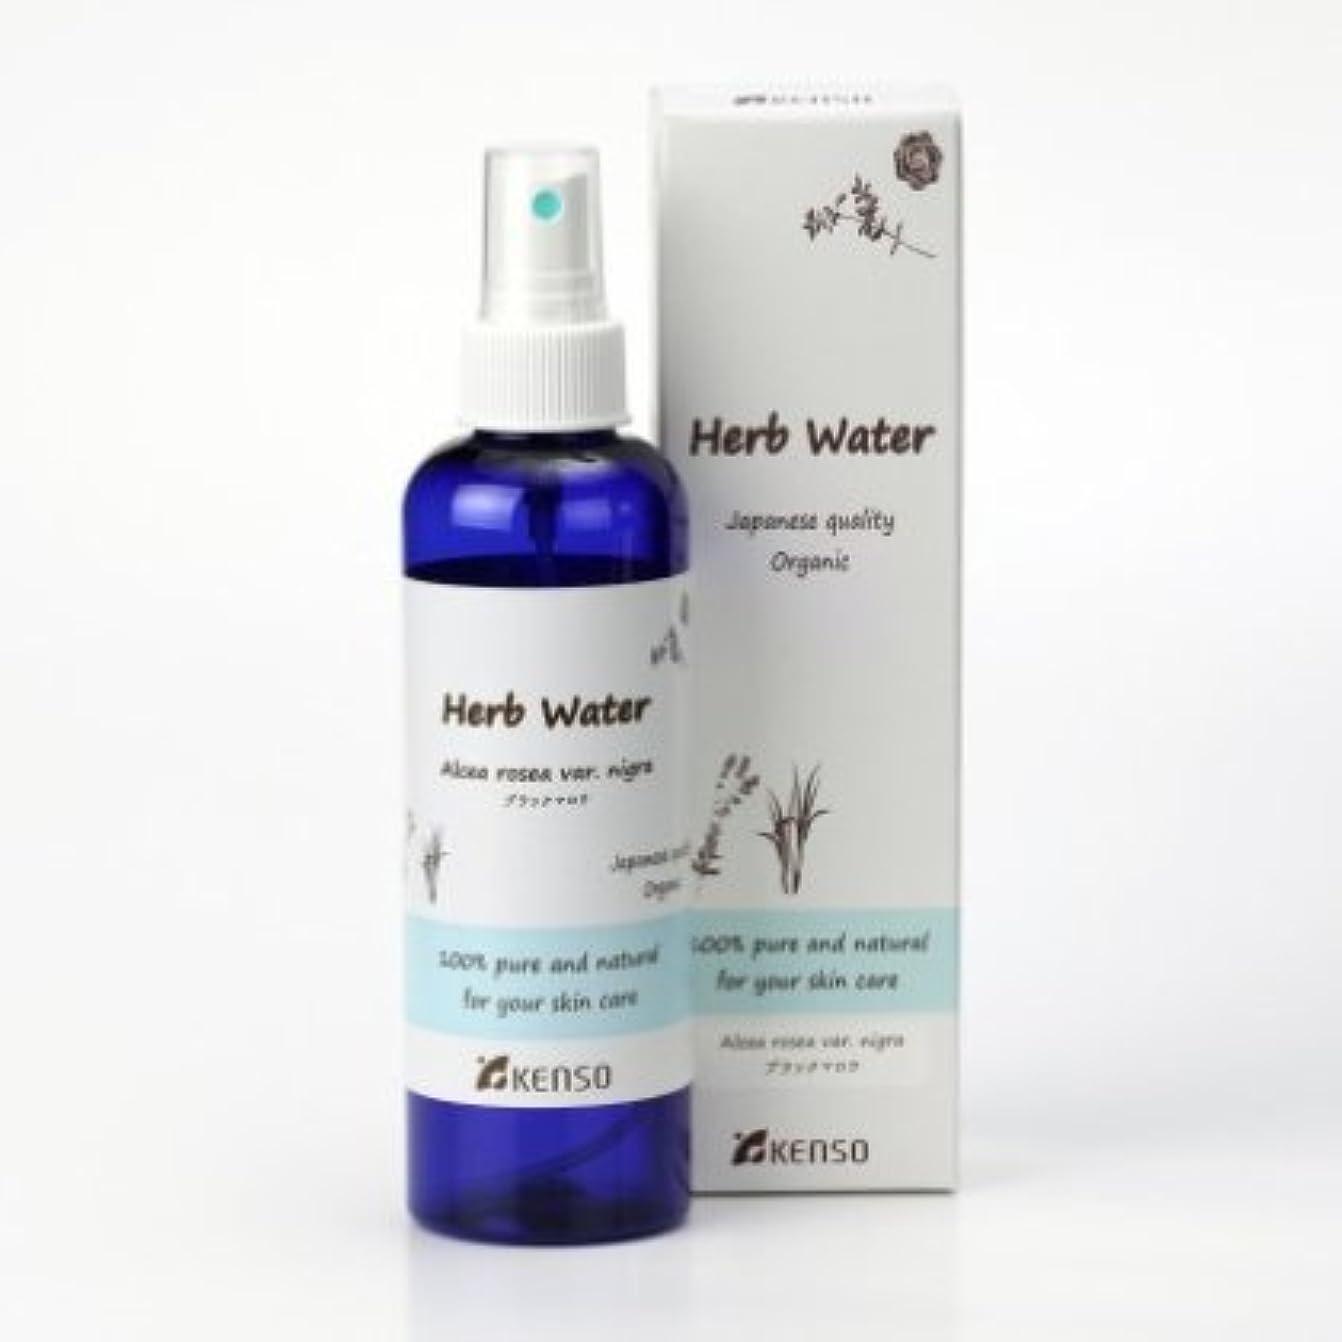 二次つかいます視力ブラックマロウ ウォーター KENSO無農薬有機栽培ハーブウォーターフローラルウォーター(芳香蒸留水)